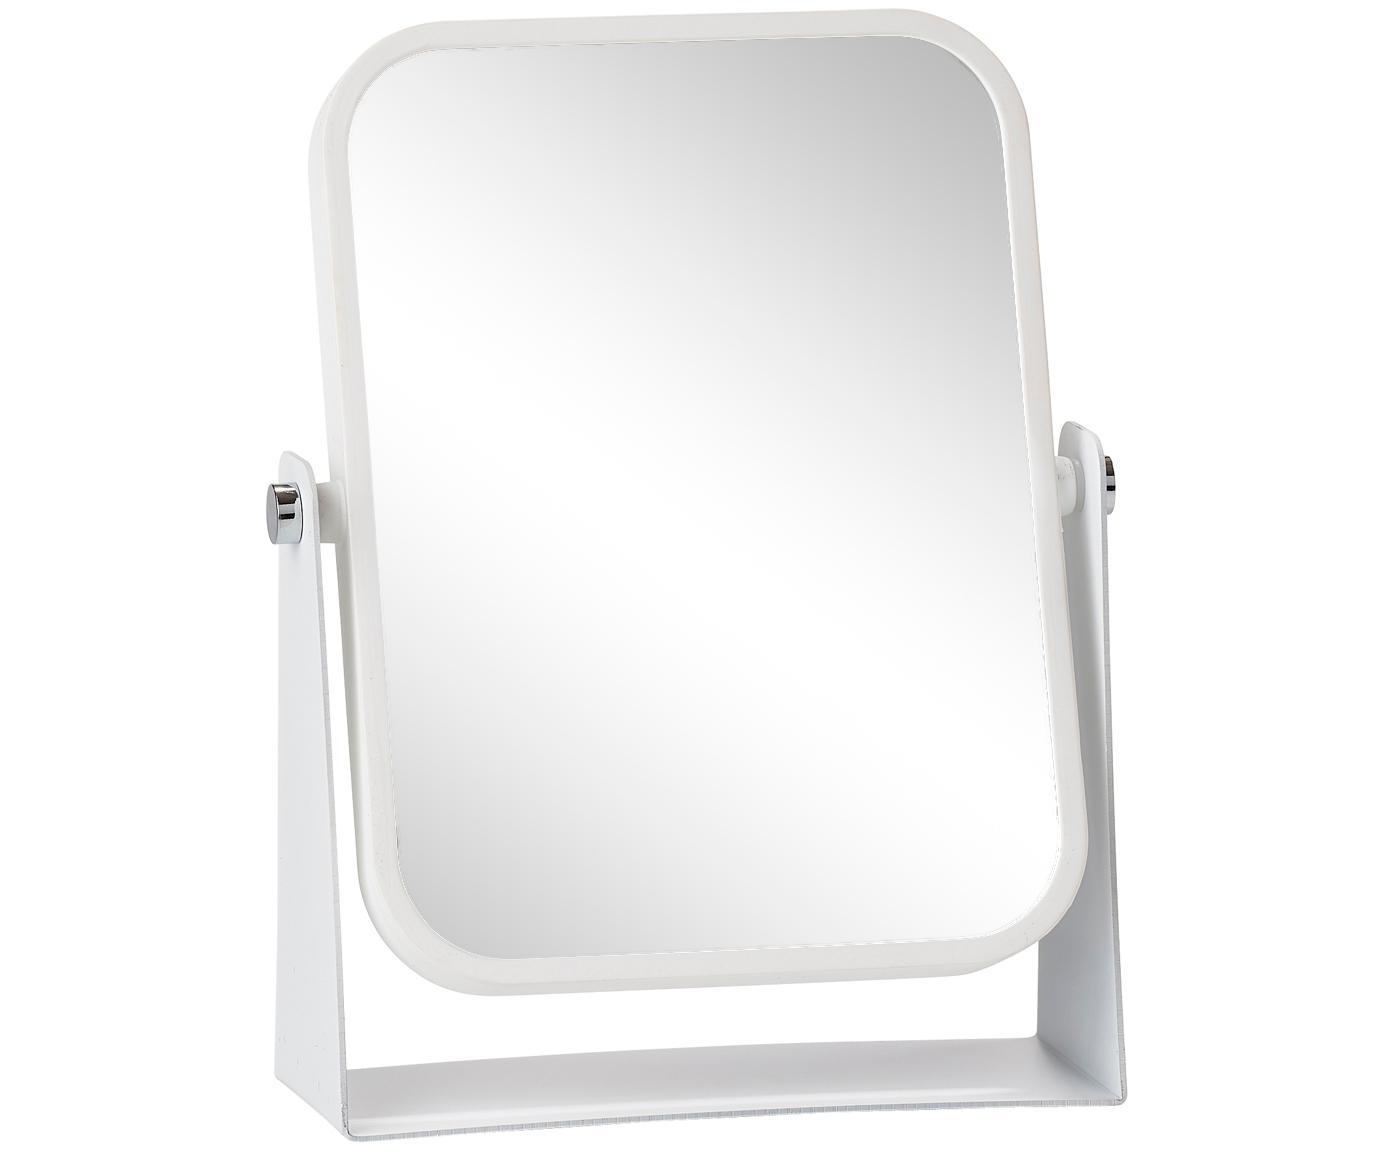 Specchio cosmetico Aurora con ingrandimento, Cornice: metallo, Superficie dello specchio: lastra di vetro, Cornice: bianco Superficie dello specchio: lastra di vetro, L 15 x A 21 cm